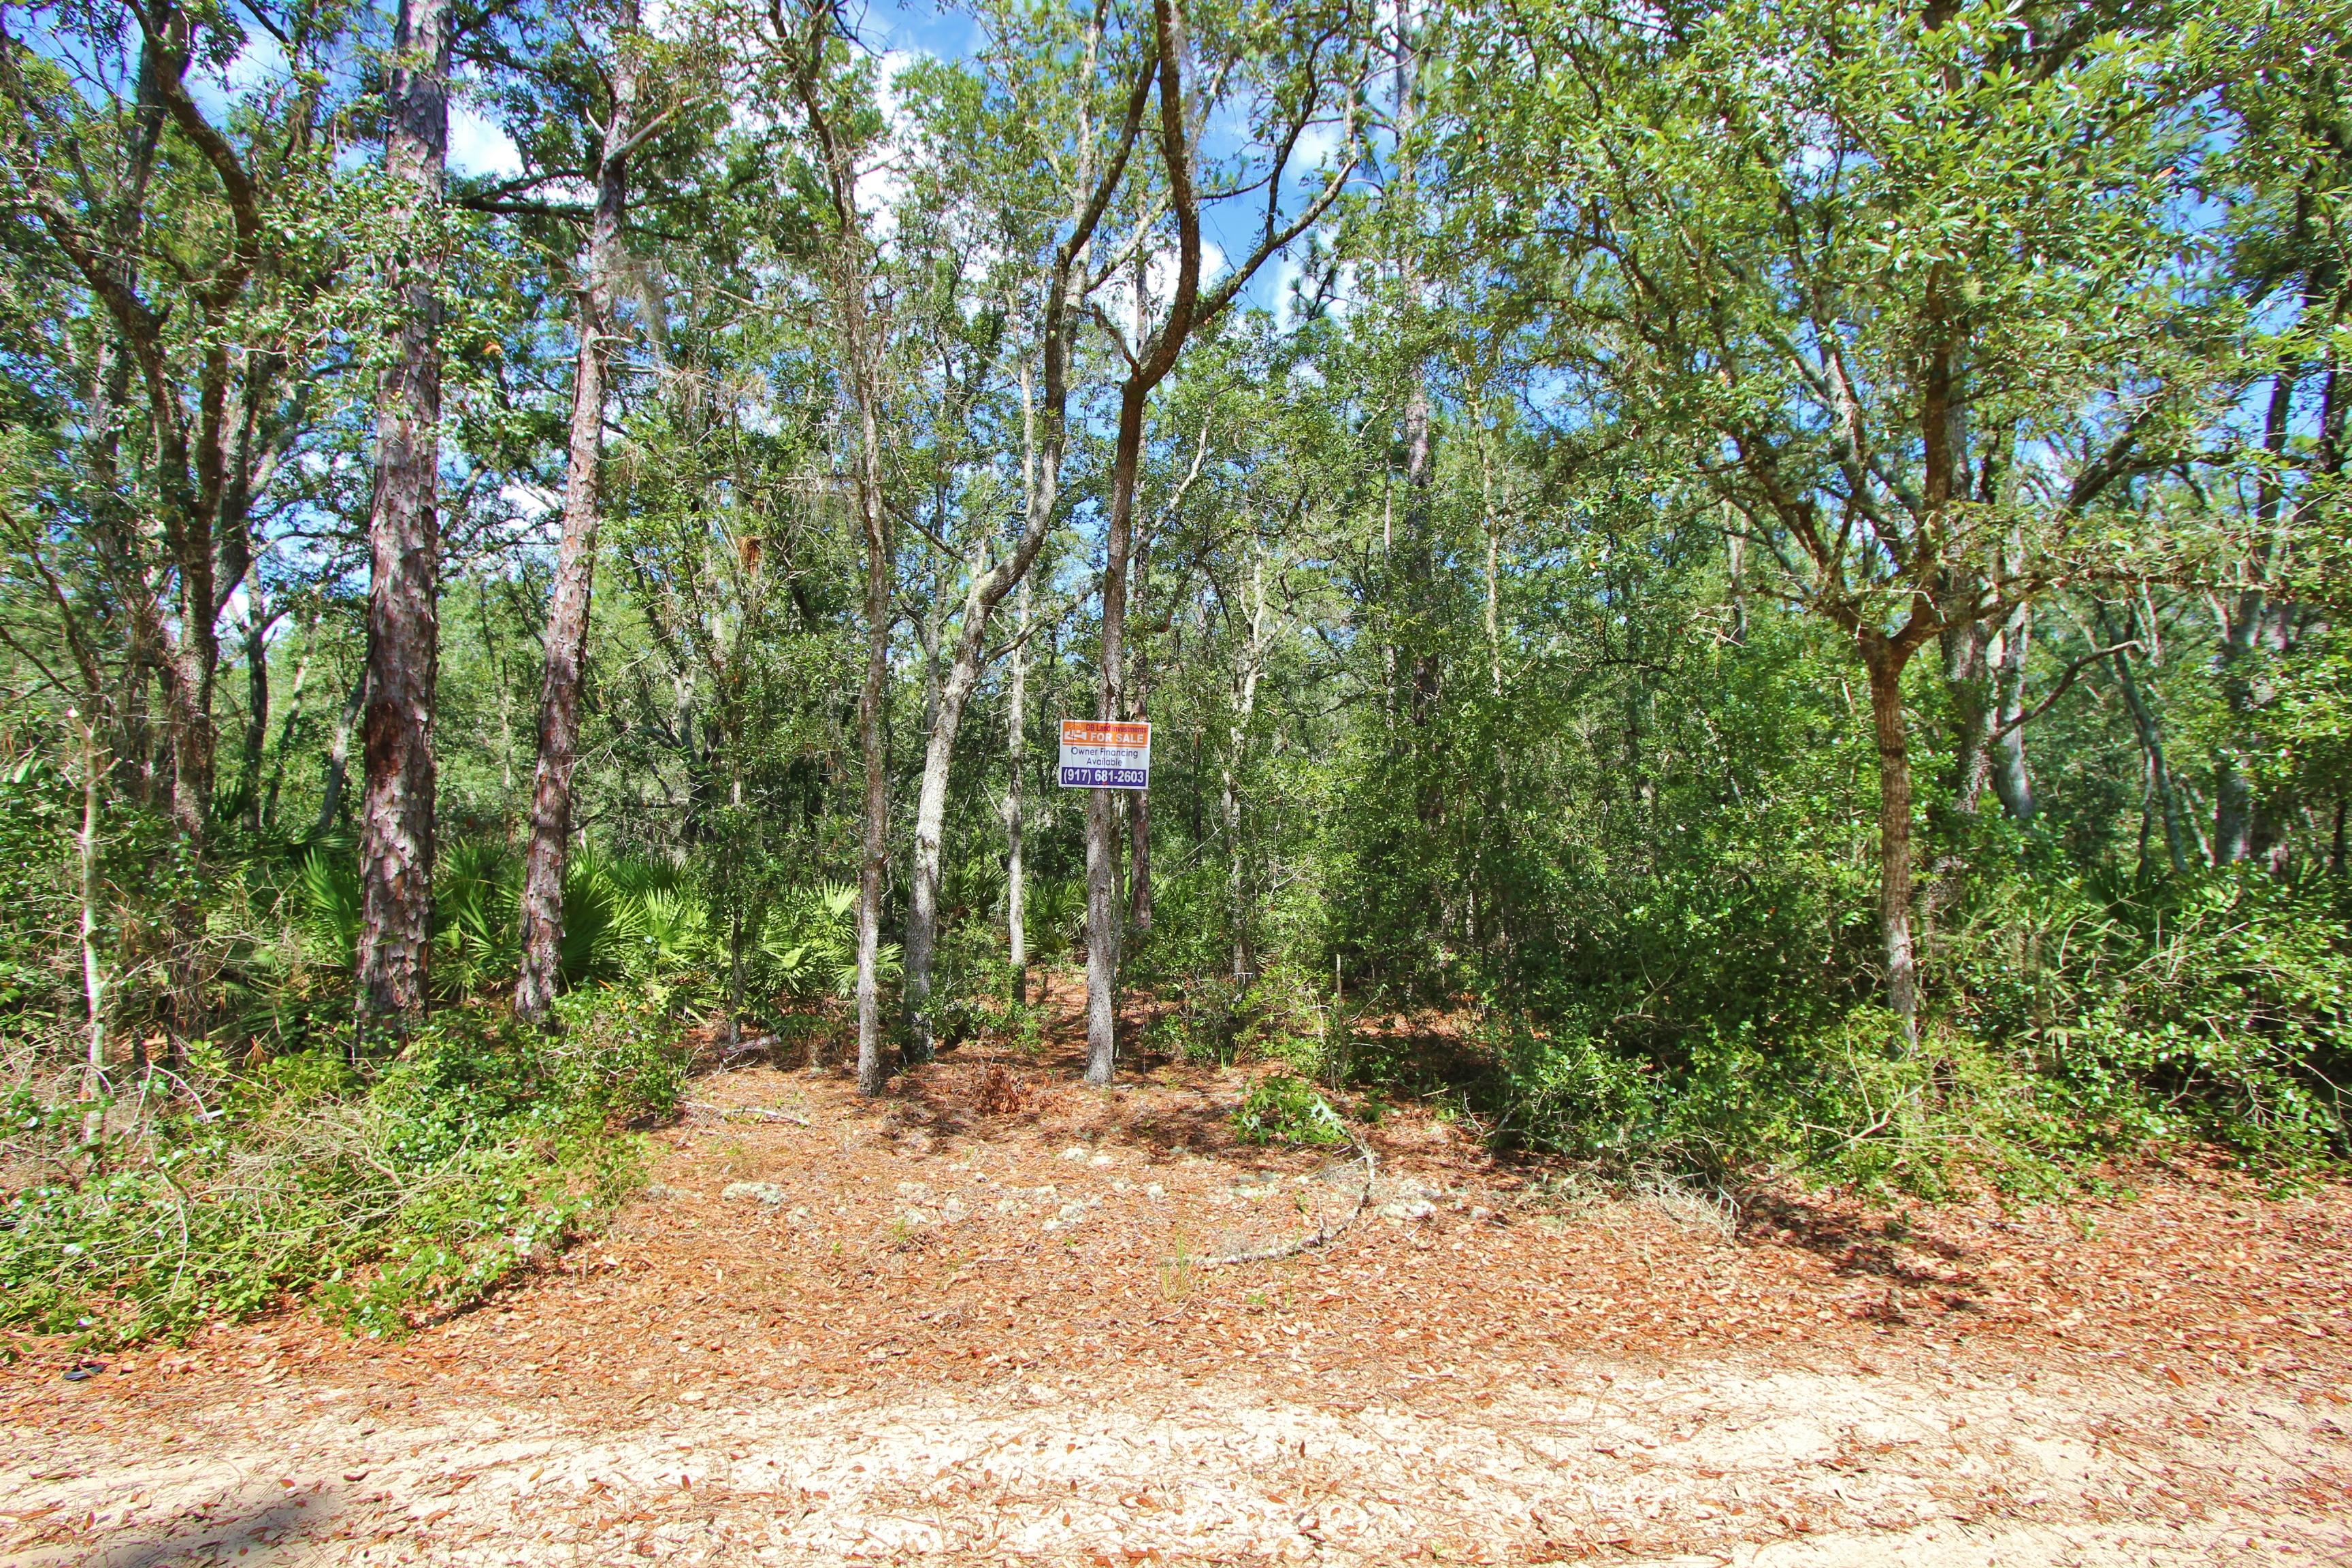 7200 Cardinal Street, Florahome, Florida 32140 - USA Land Ventures